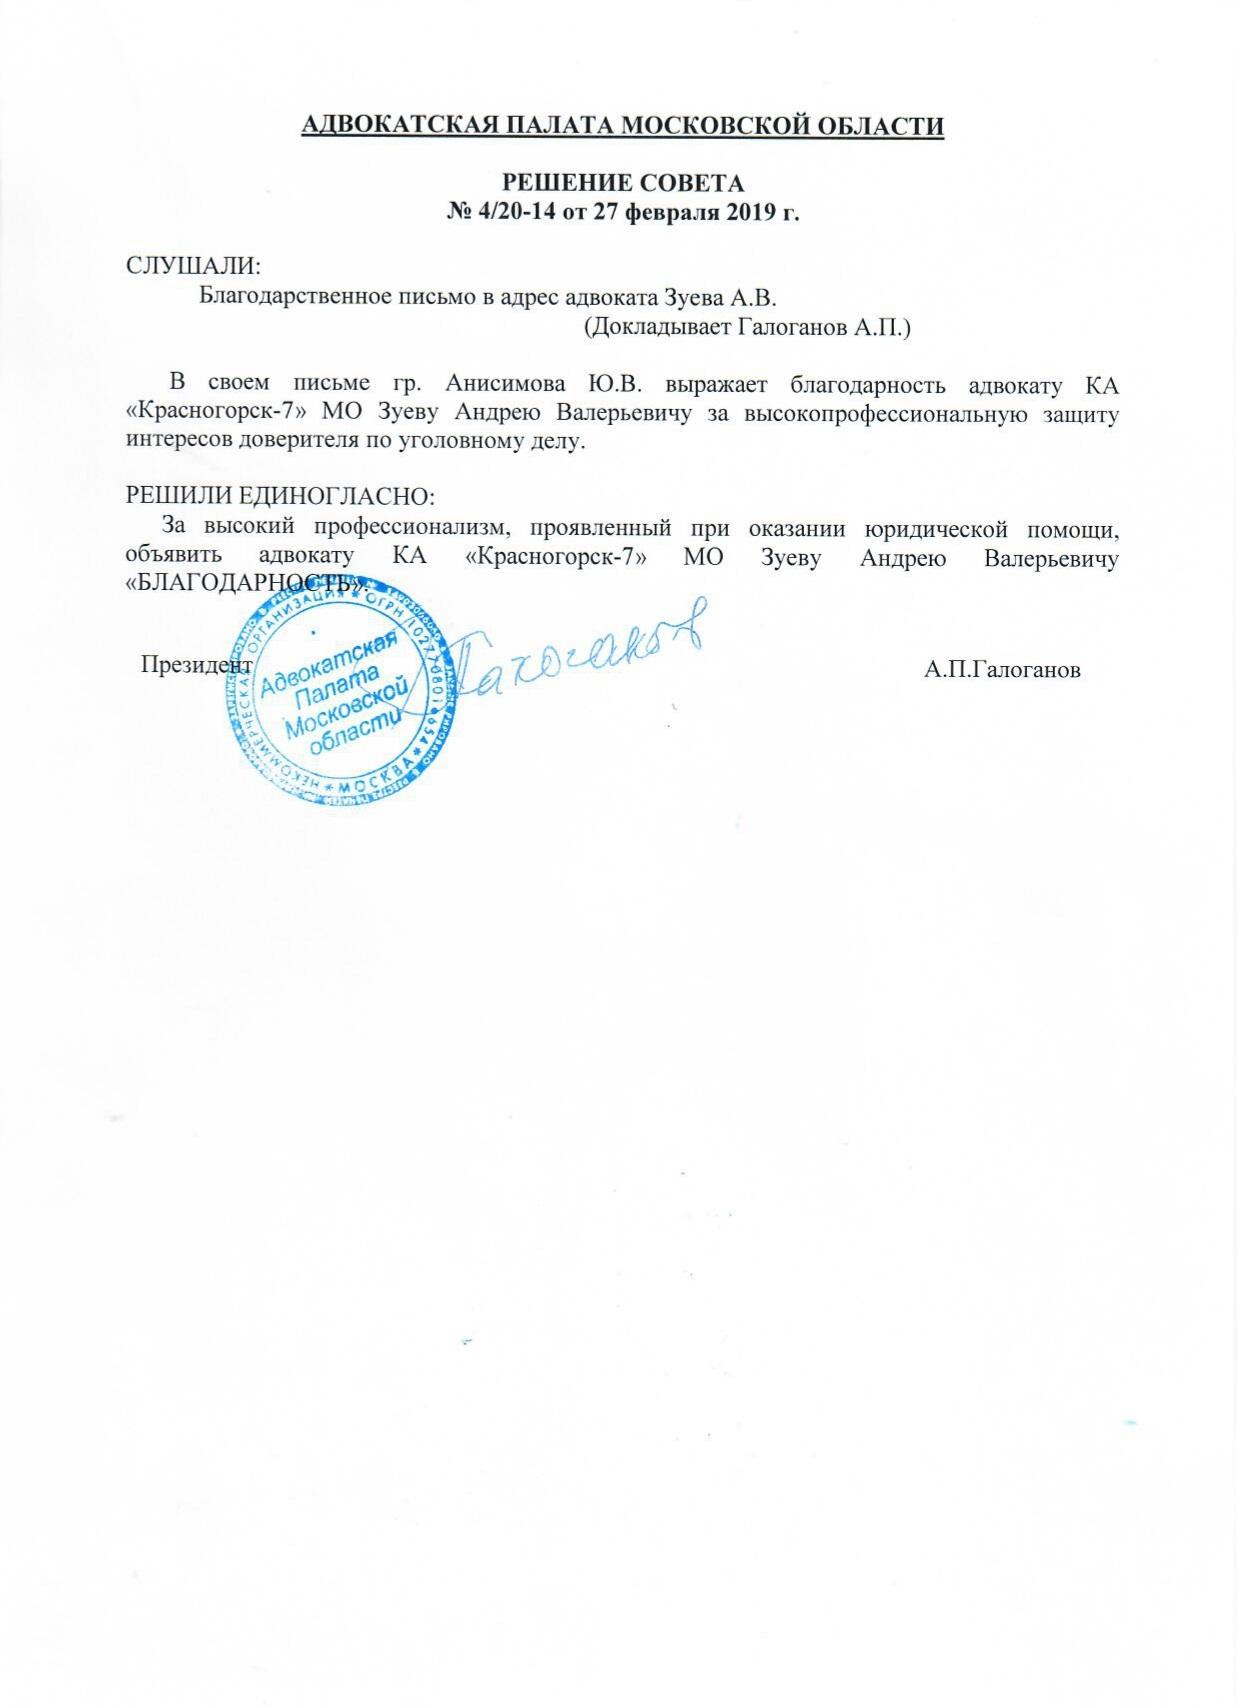 Благодарность от АПМО в адрес адвоката Зуева А.В.